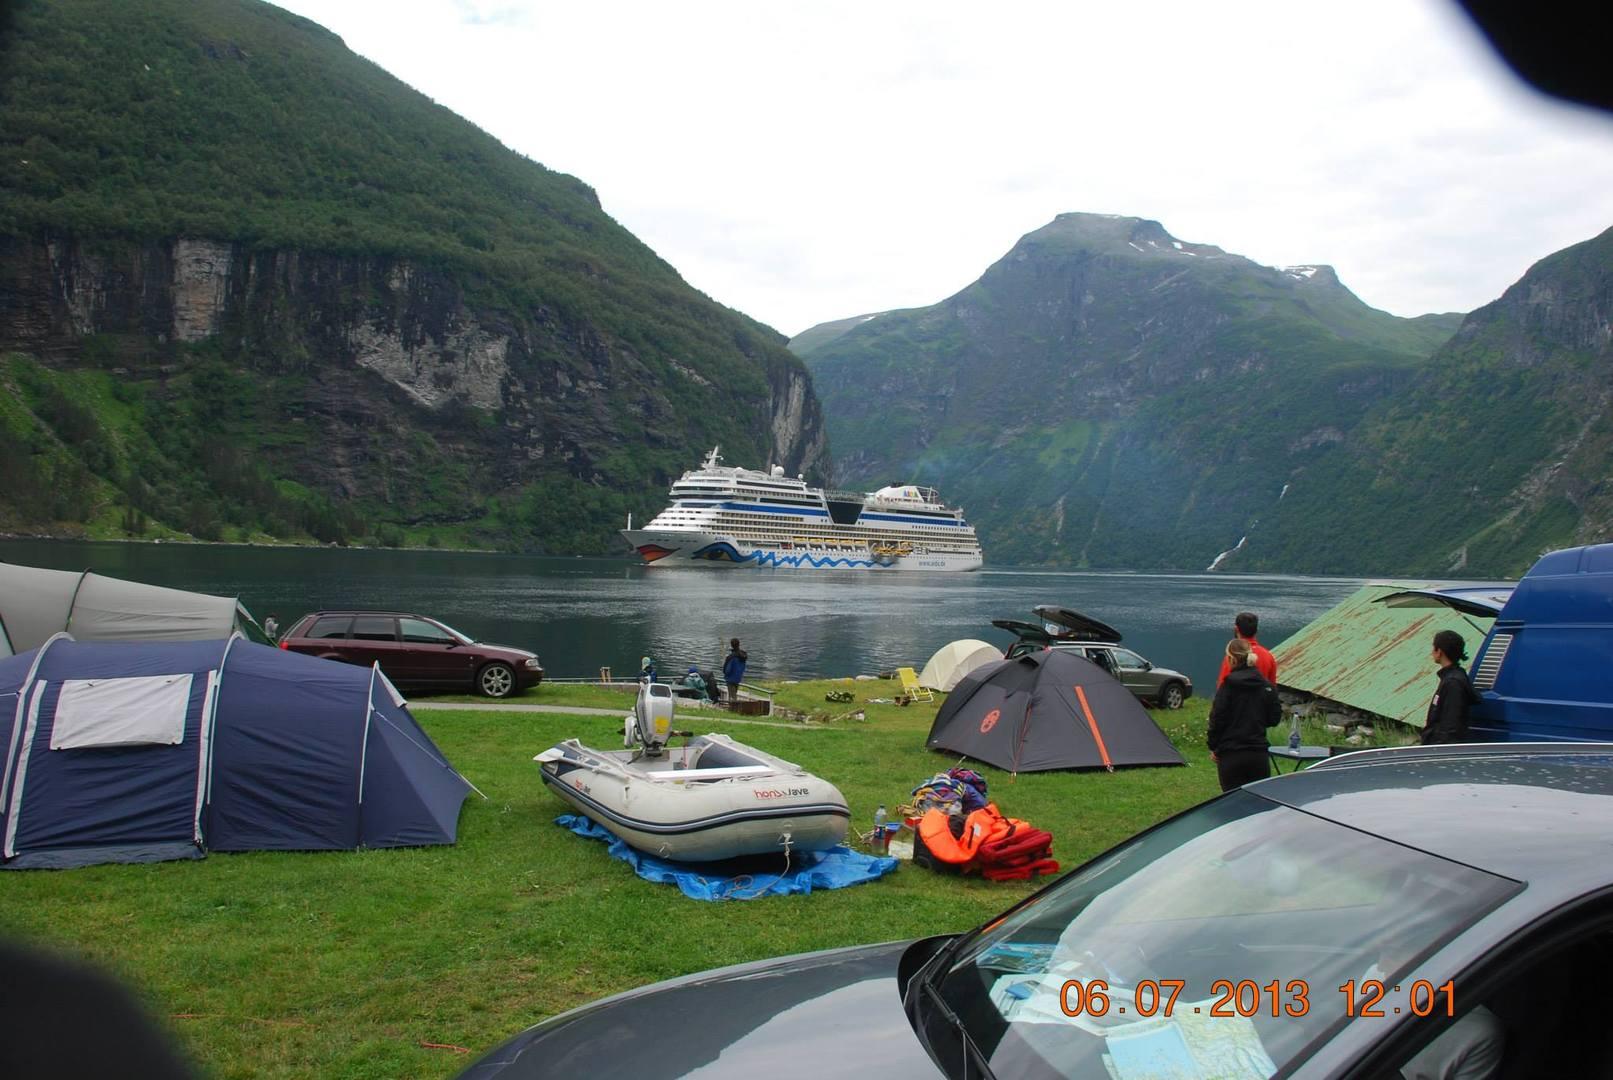 פיורד Geirangerfjorden-קמפינג על שפת מי הפיורד